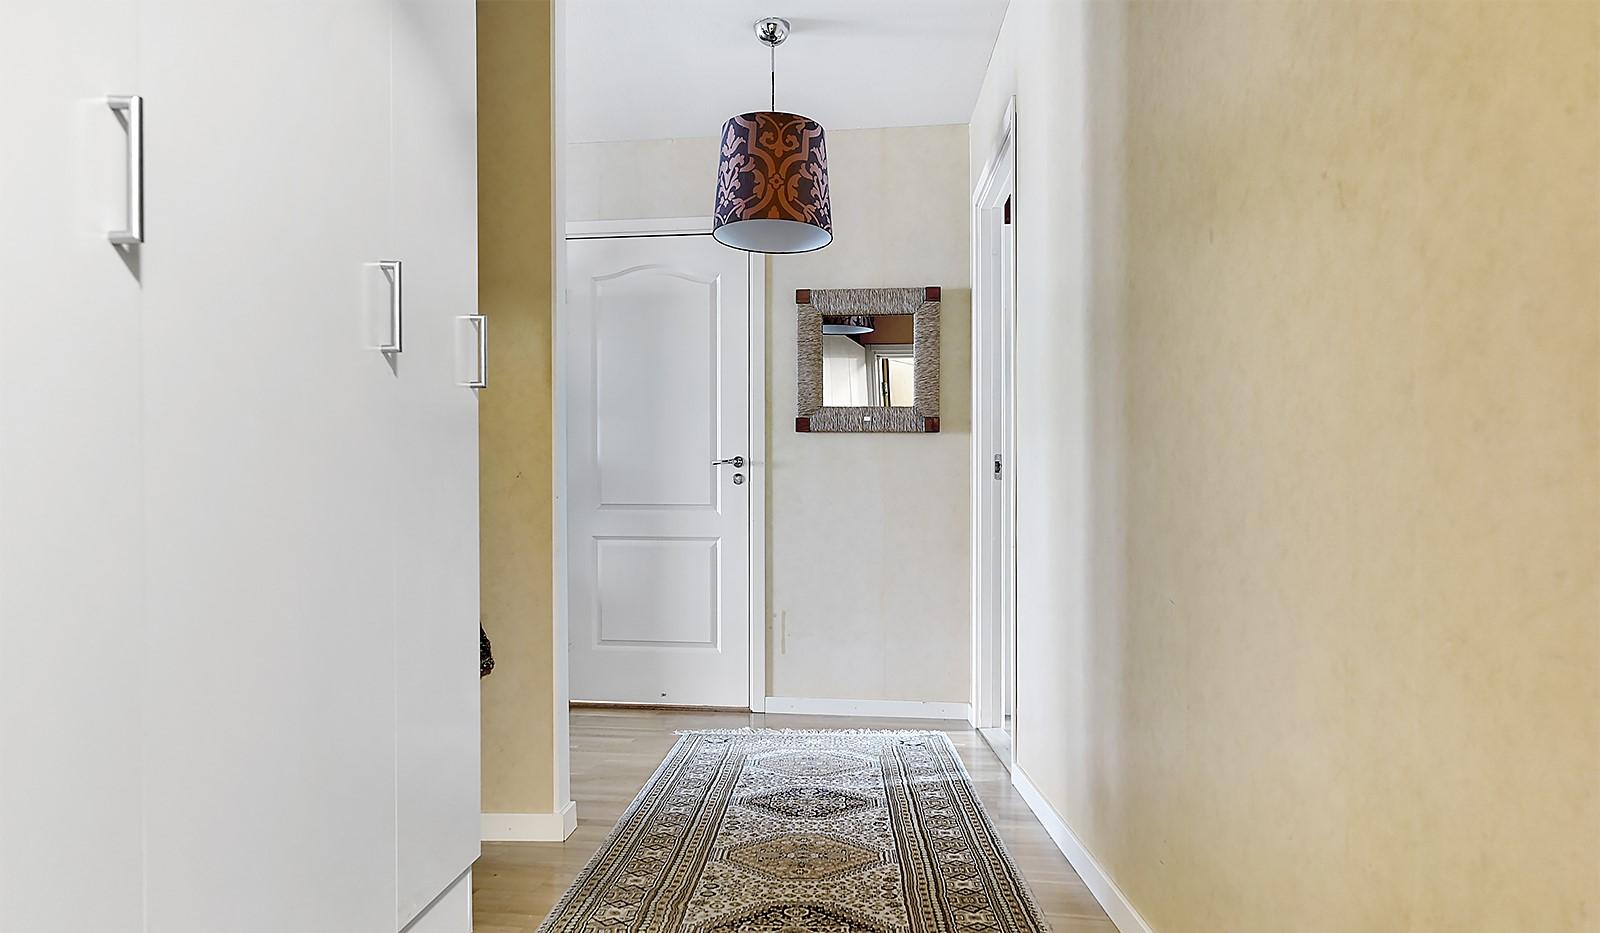 Vinodlargatan 2, 6 tr - Fint ljusinsläpp mot hallen från vardagsrummet